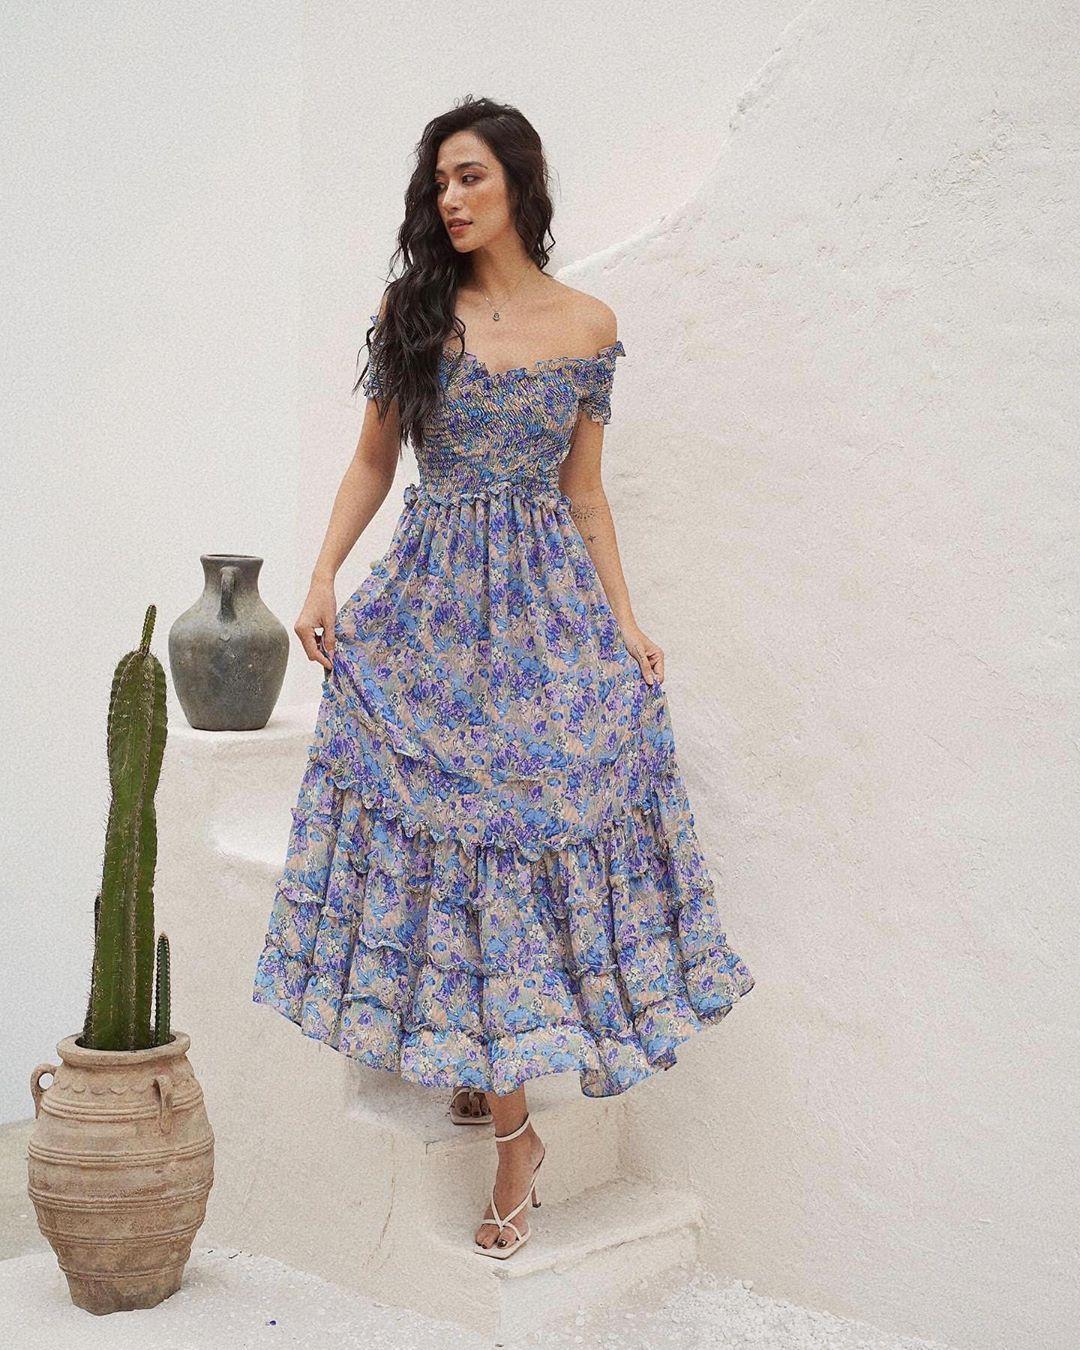 """Trời se lạnh mà """"quẩy"""" váy dáng dài là style sẽ yêu kiều như gái Pháp, điểm sang chảnh cũng tăng ngùn ngụt - Ảnh 7."""